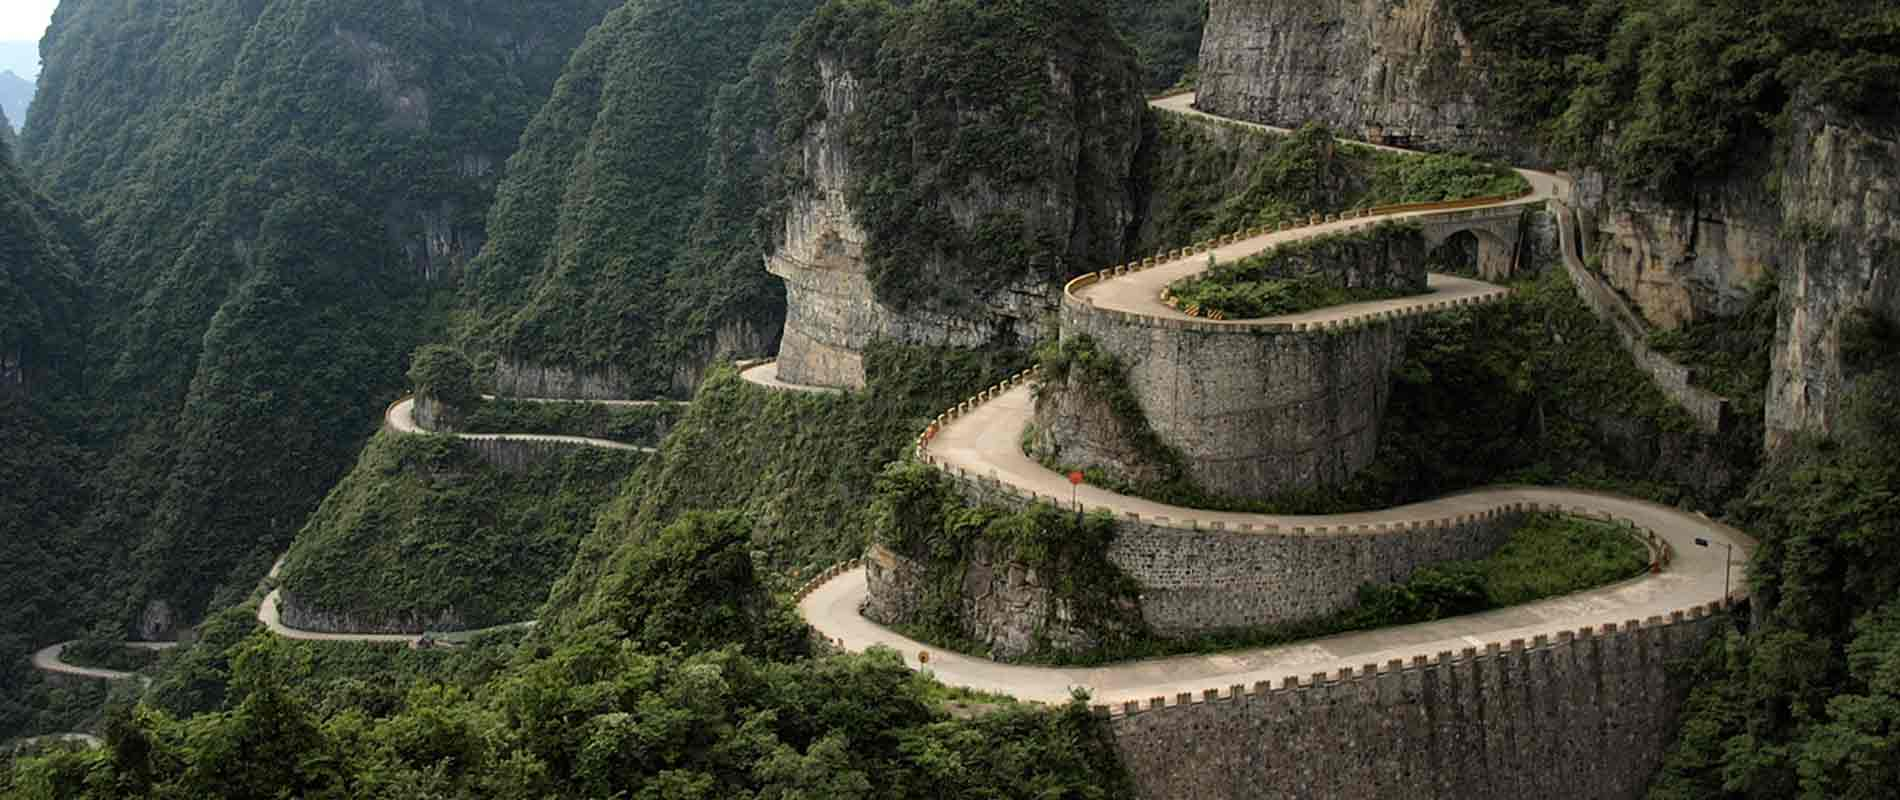 Tianmen Road